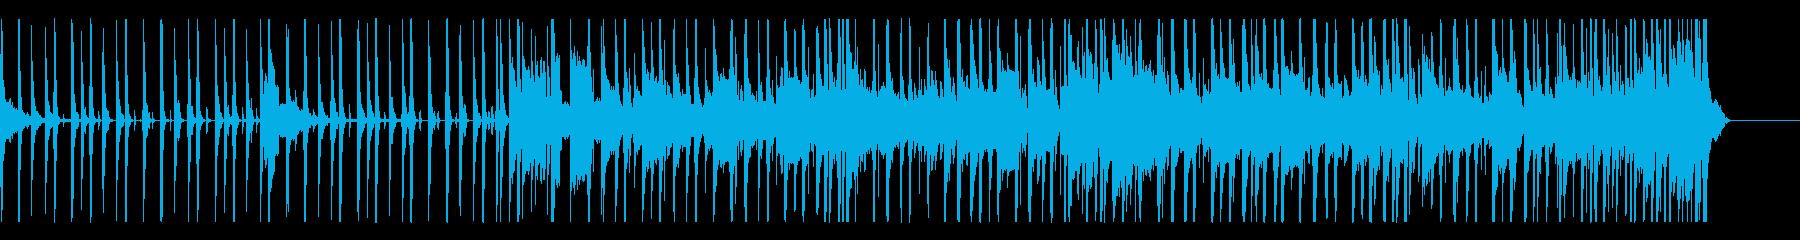 クールで大人なファンクミュージックの再生済みの波形